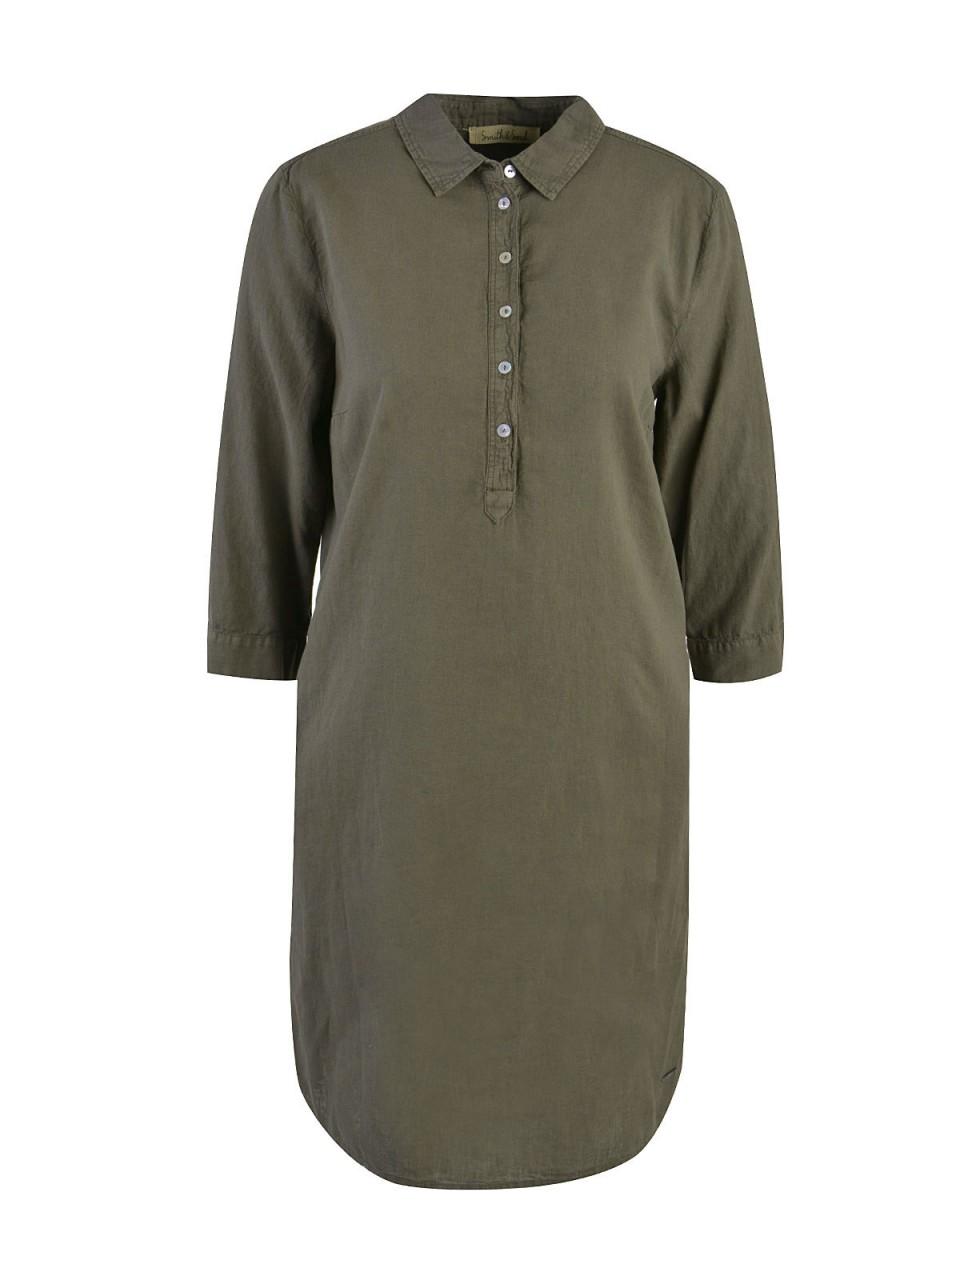 Kleider - SMITH SOUL Damen Kleid, grün  - Onlineshop Designermode.com